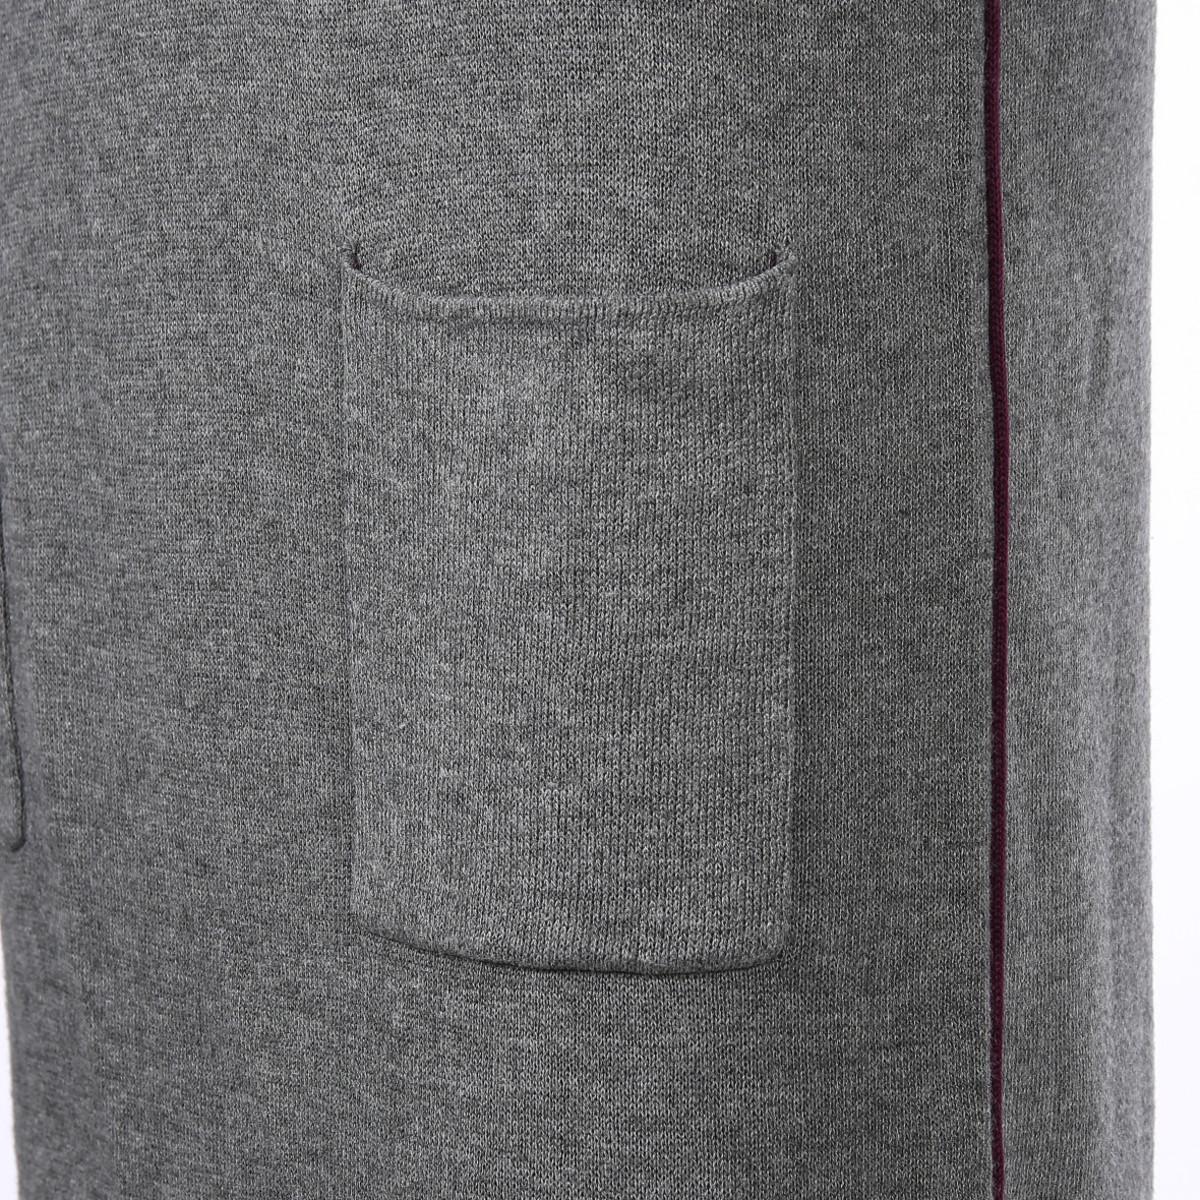 Bild 3 von Damen Kleid mit 3/4 Ärmeln